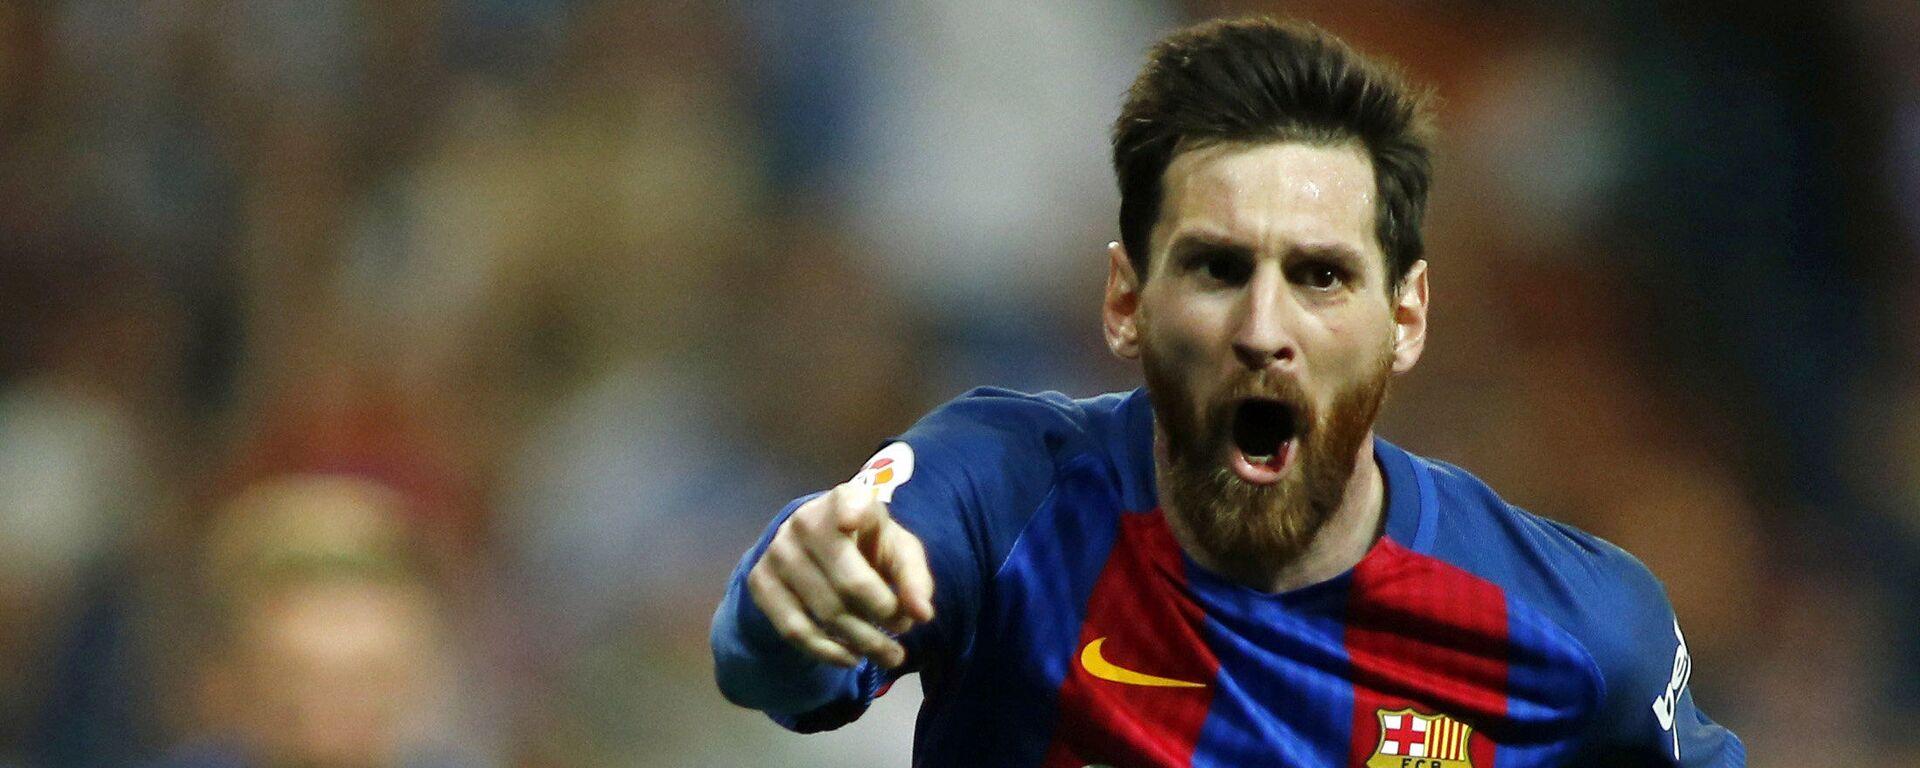 Hráč Barcelony Lionel Messi - Sputnik Česká republika, 1920, 08.08.2021